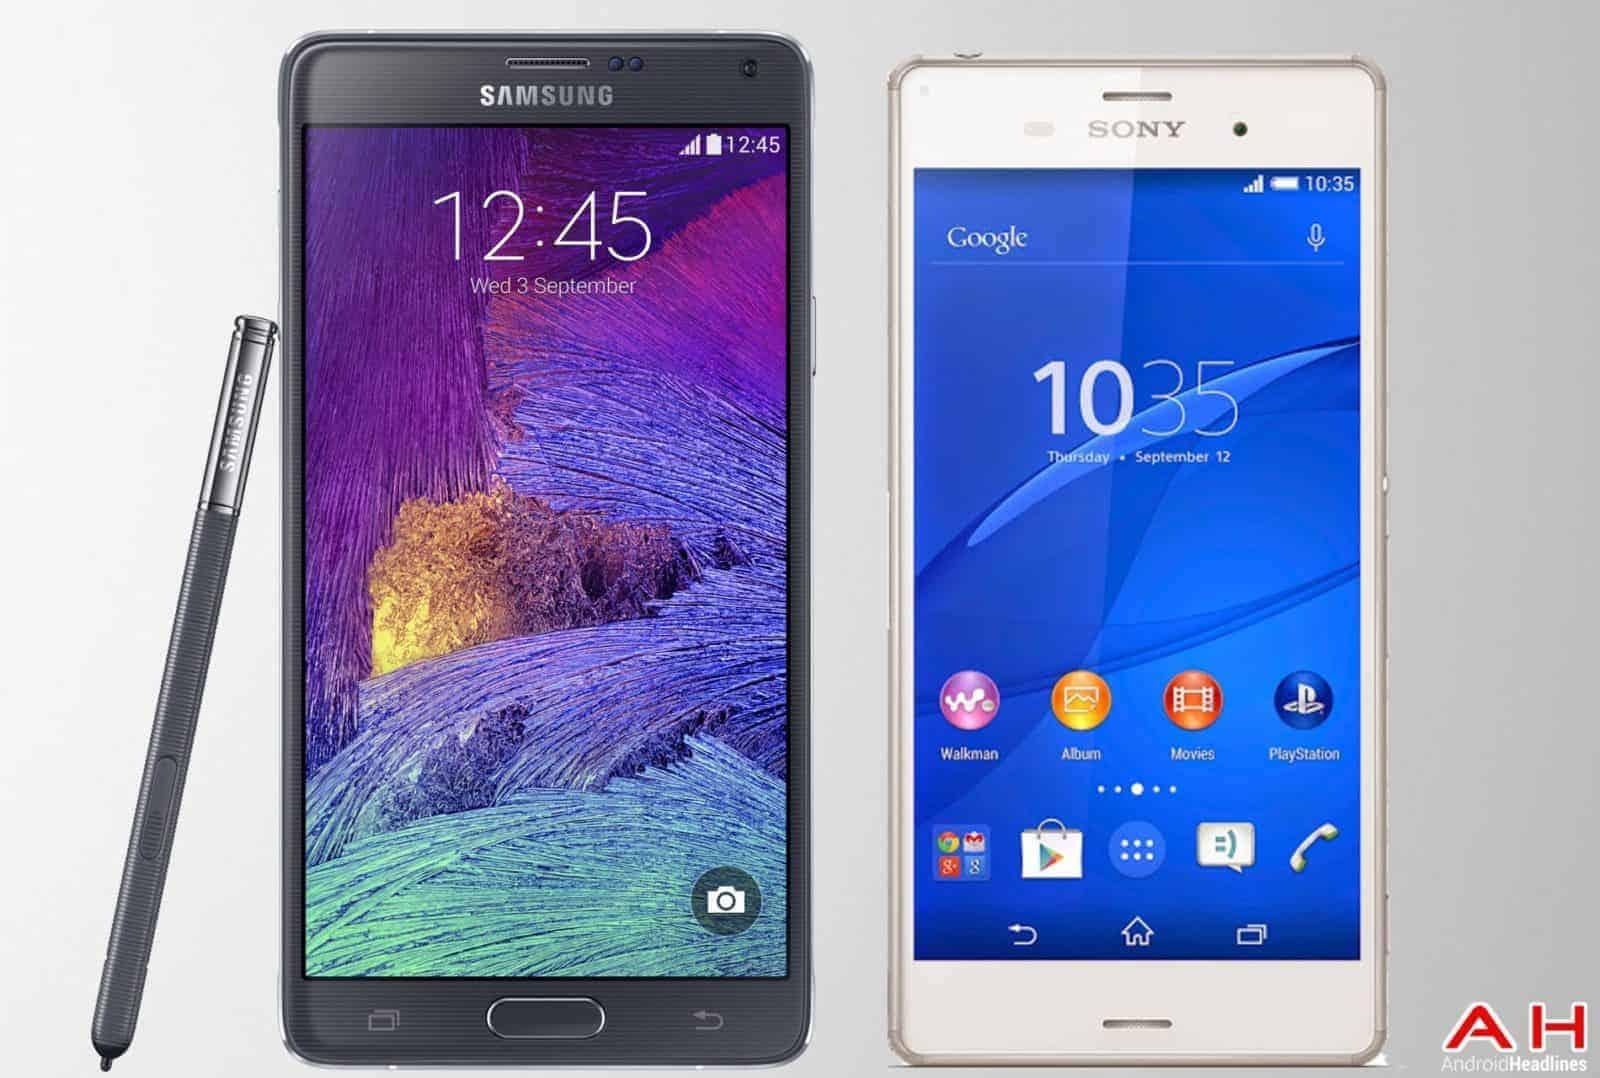 AH Samsung Galaxy Note 4 vs Sony Xperia Z3 (1)